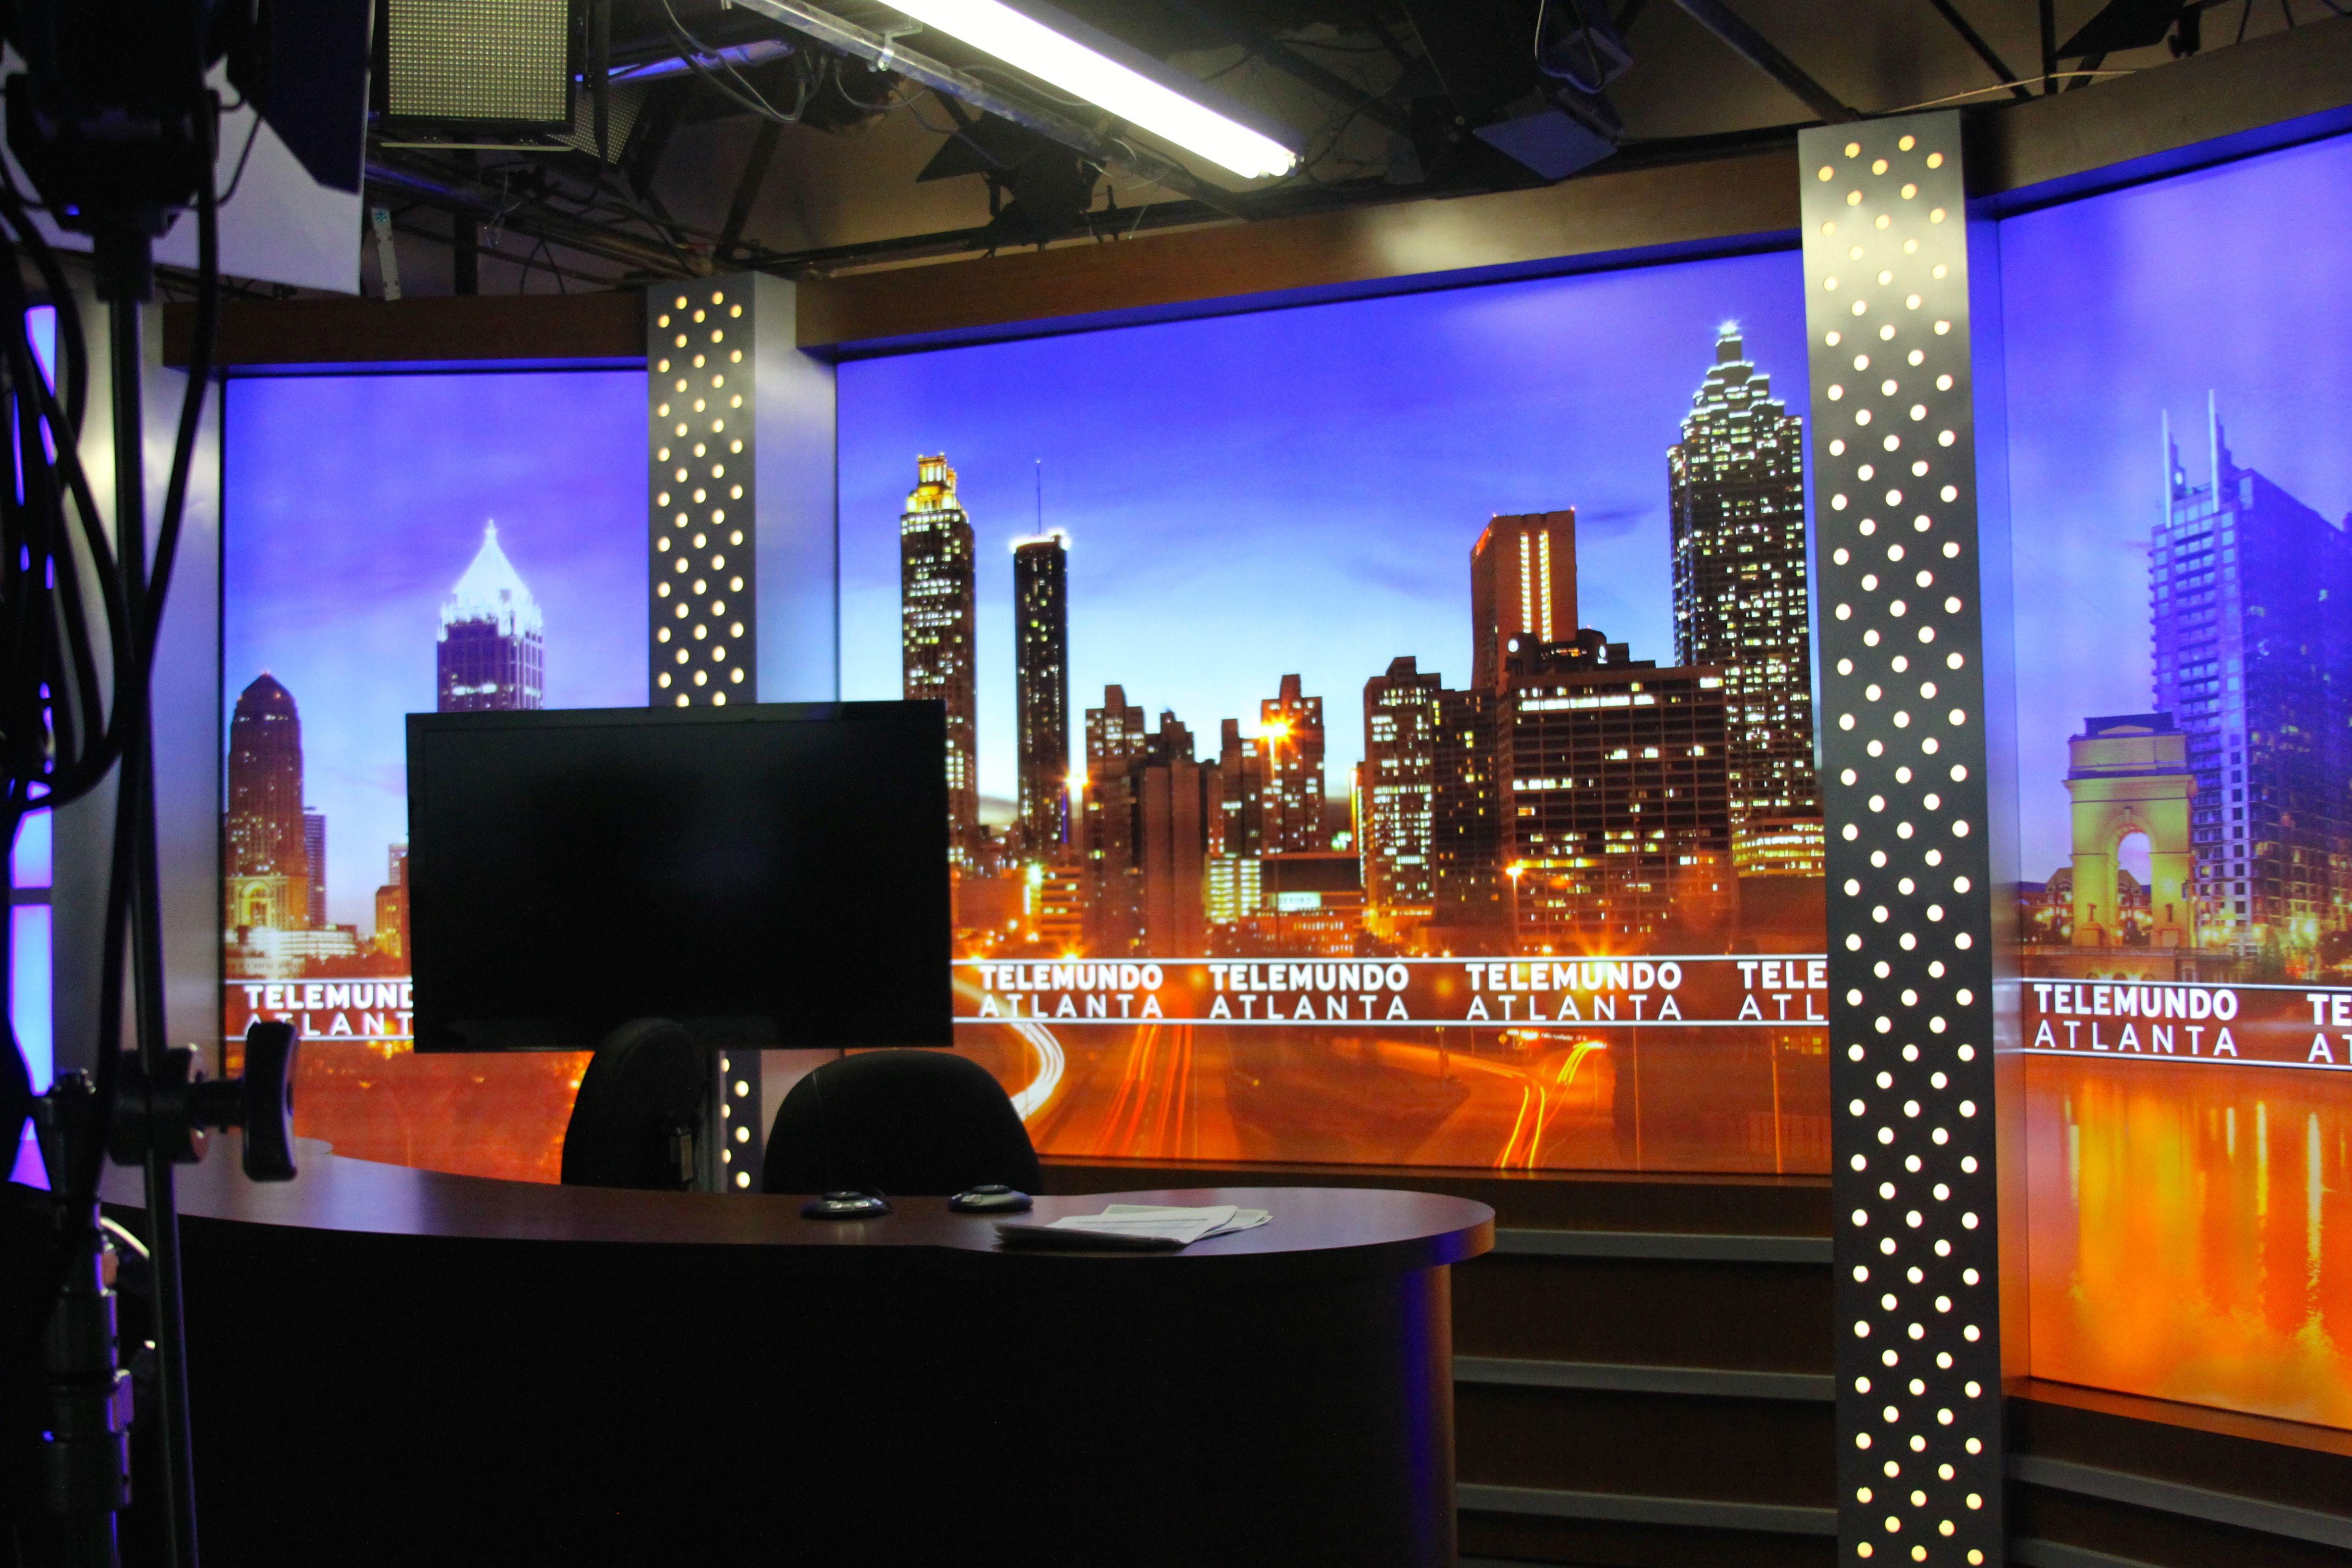 Telemundo TV Studio Design